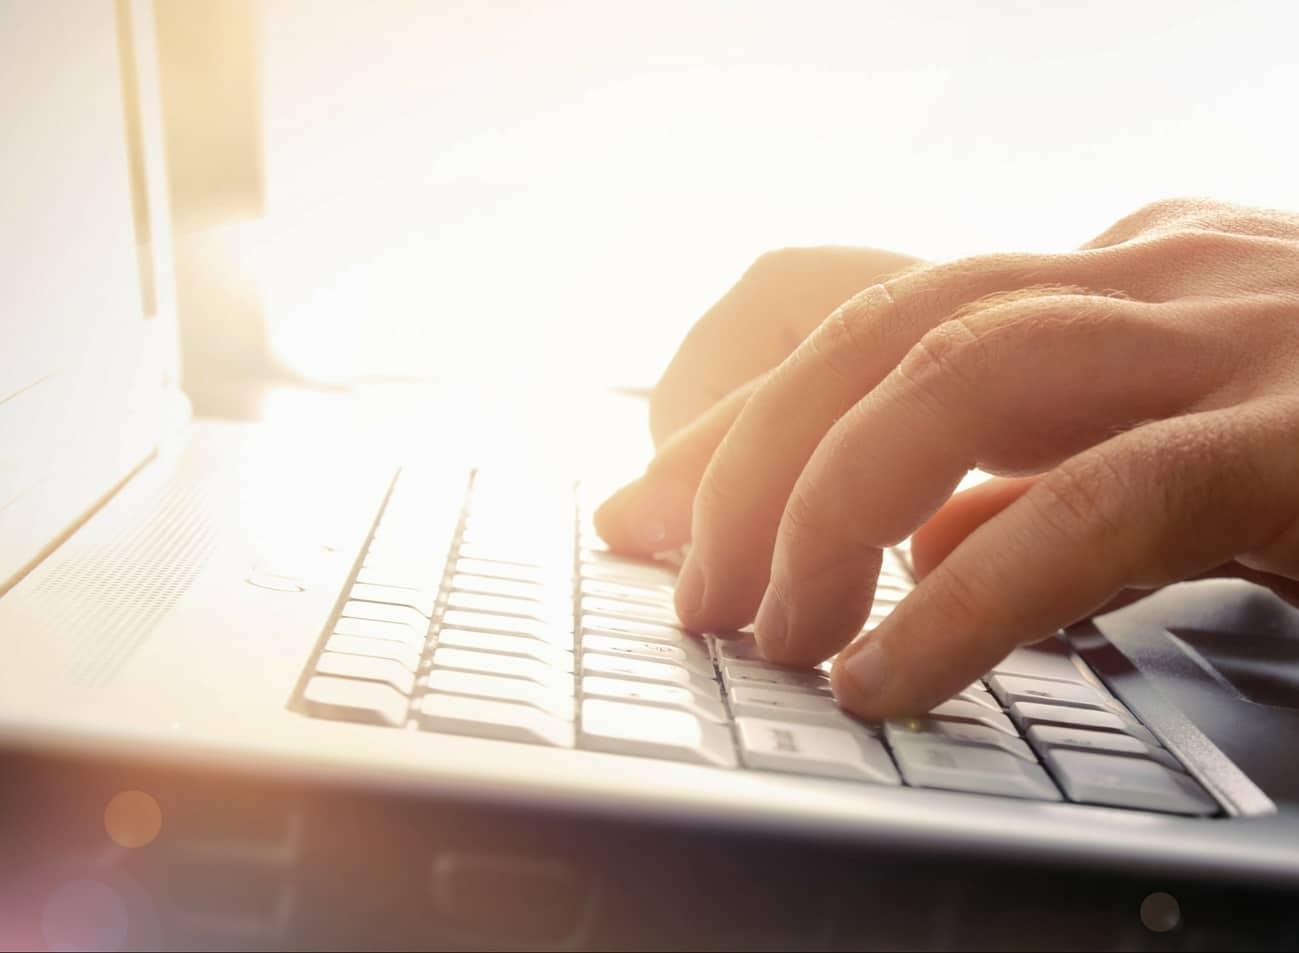 Tener un blog es importante